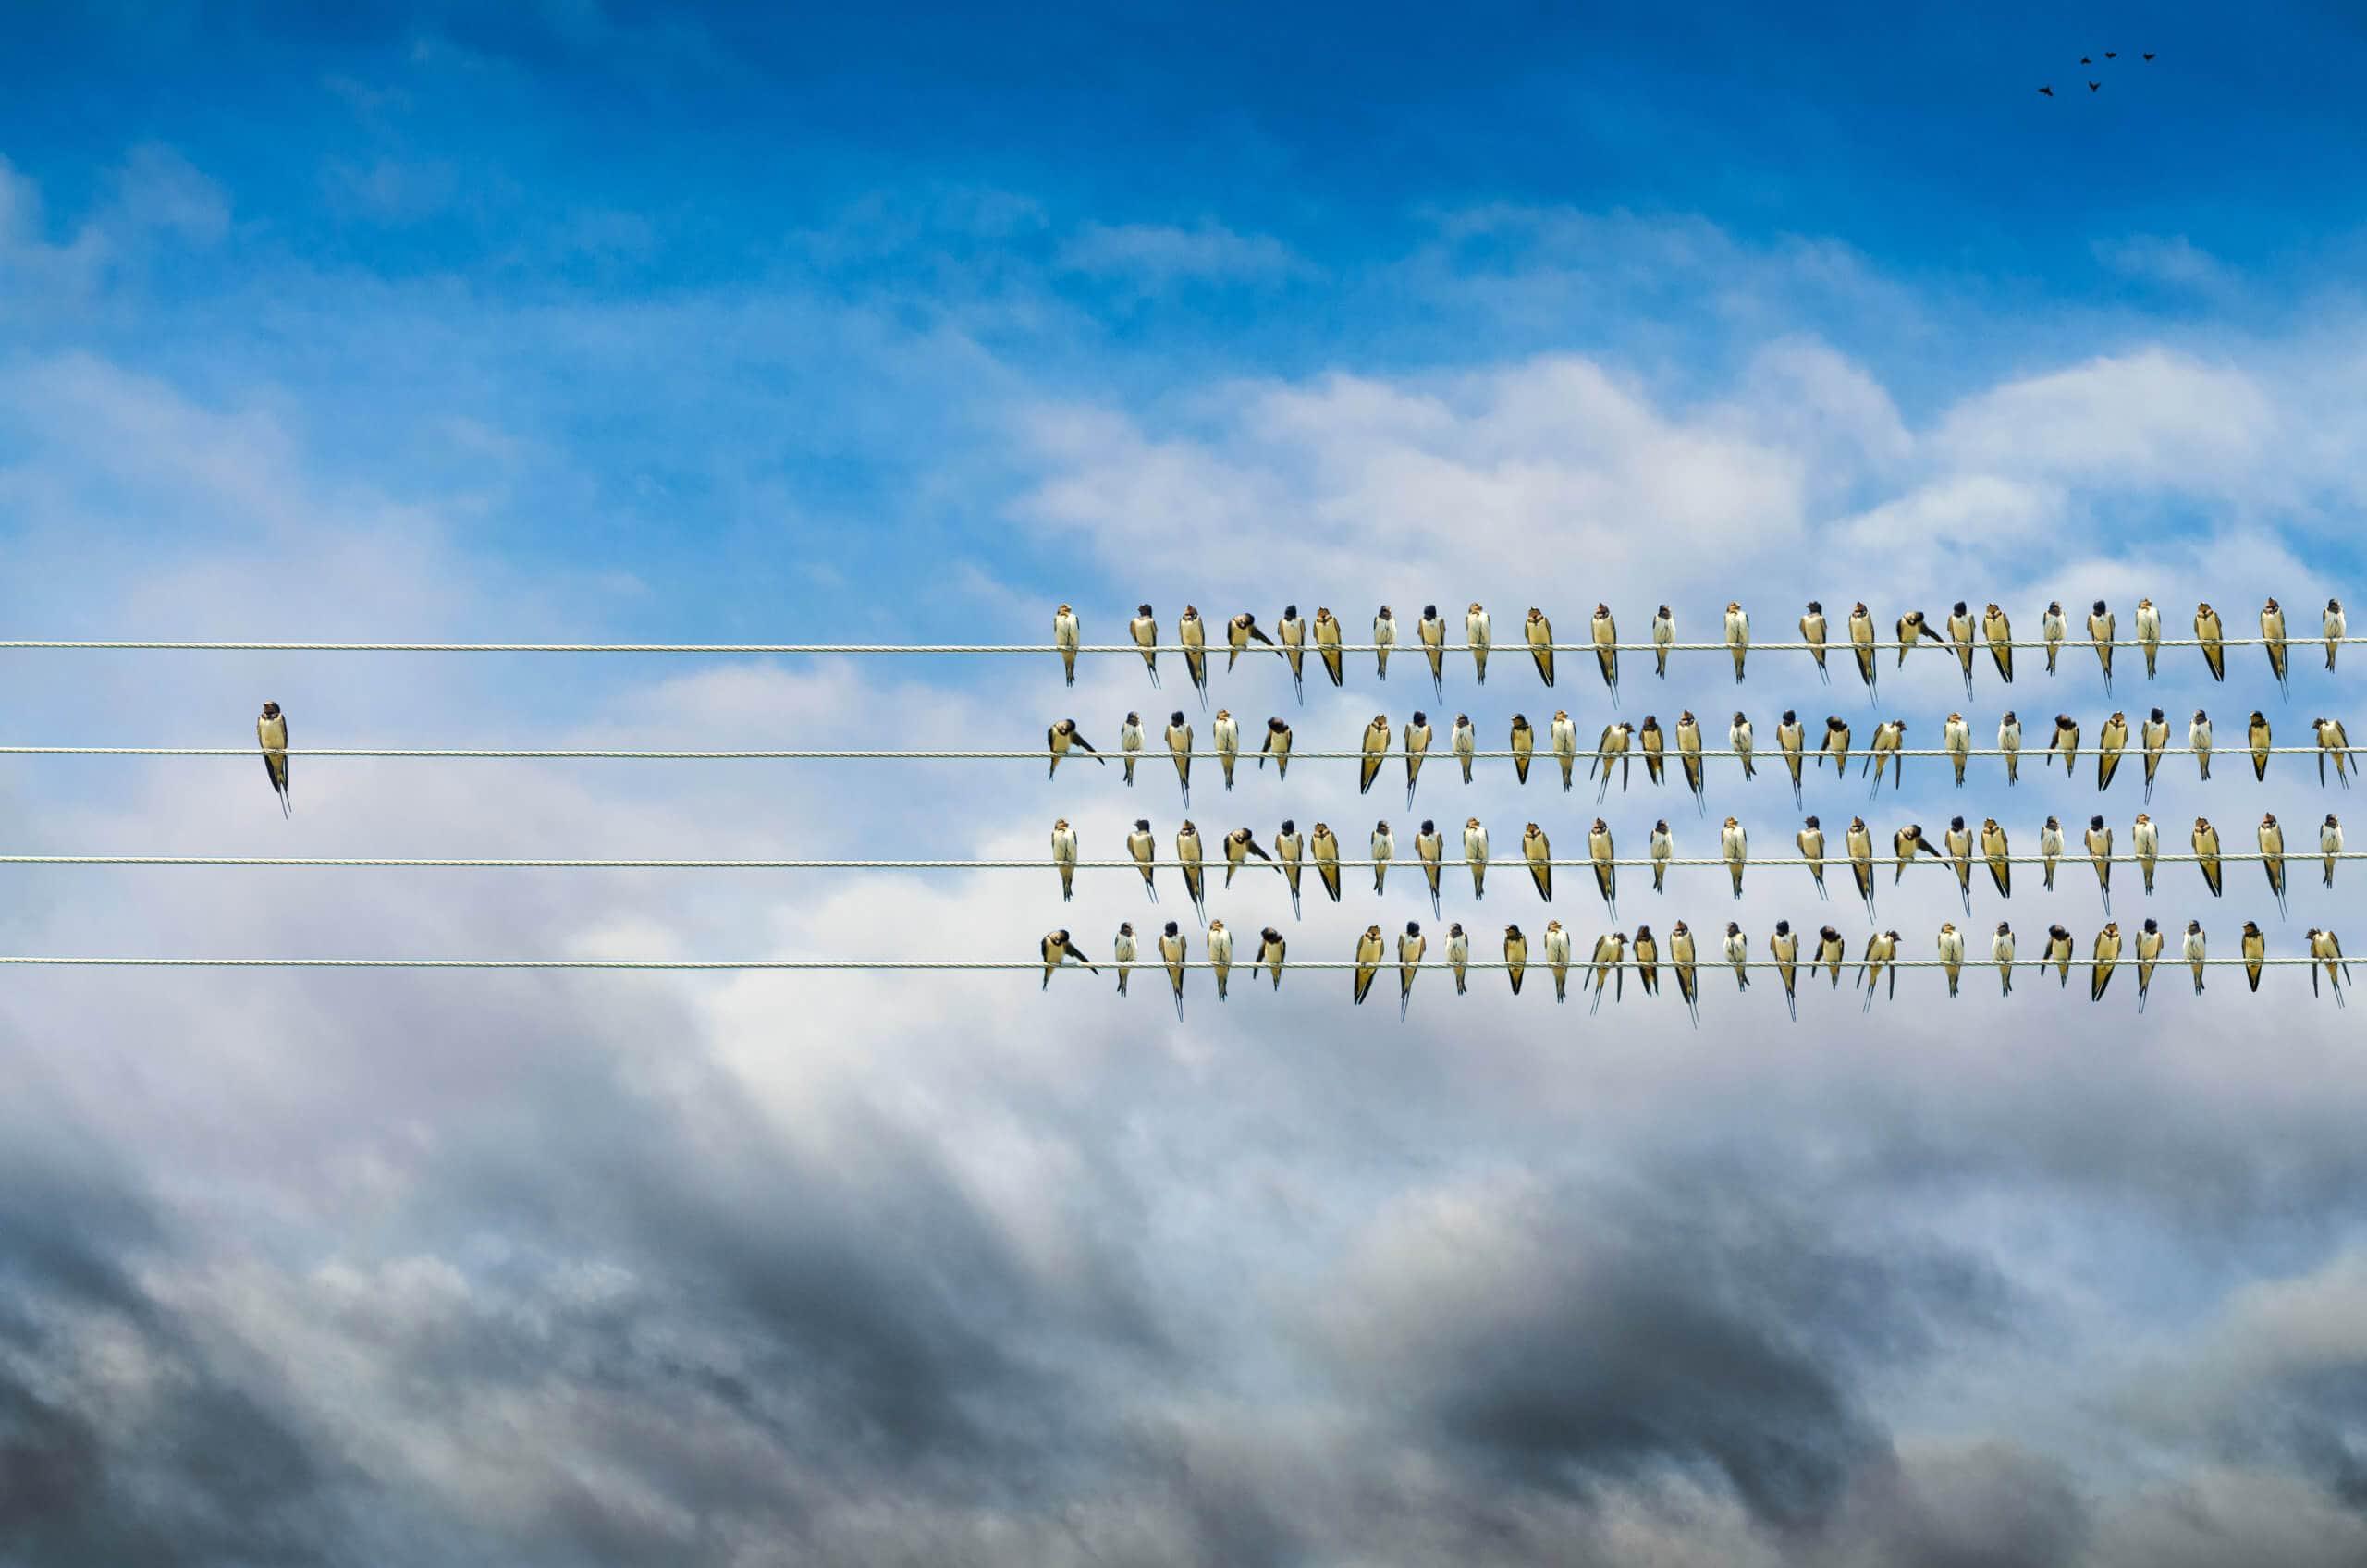 Vögel auf der Stromleitung